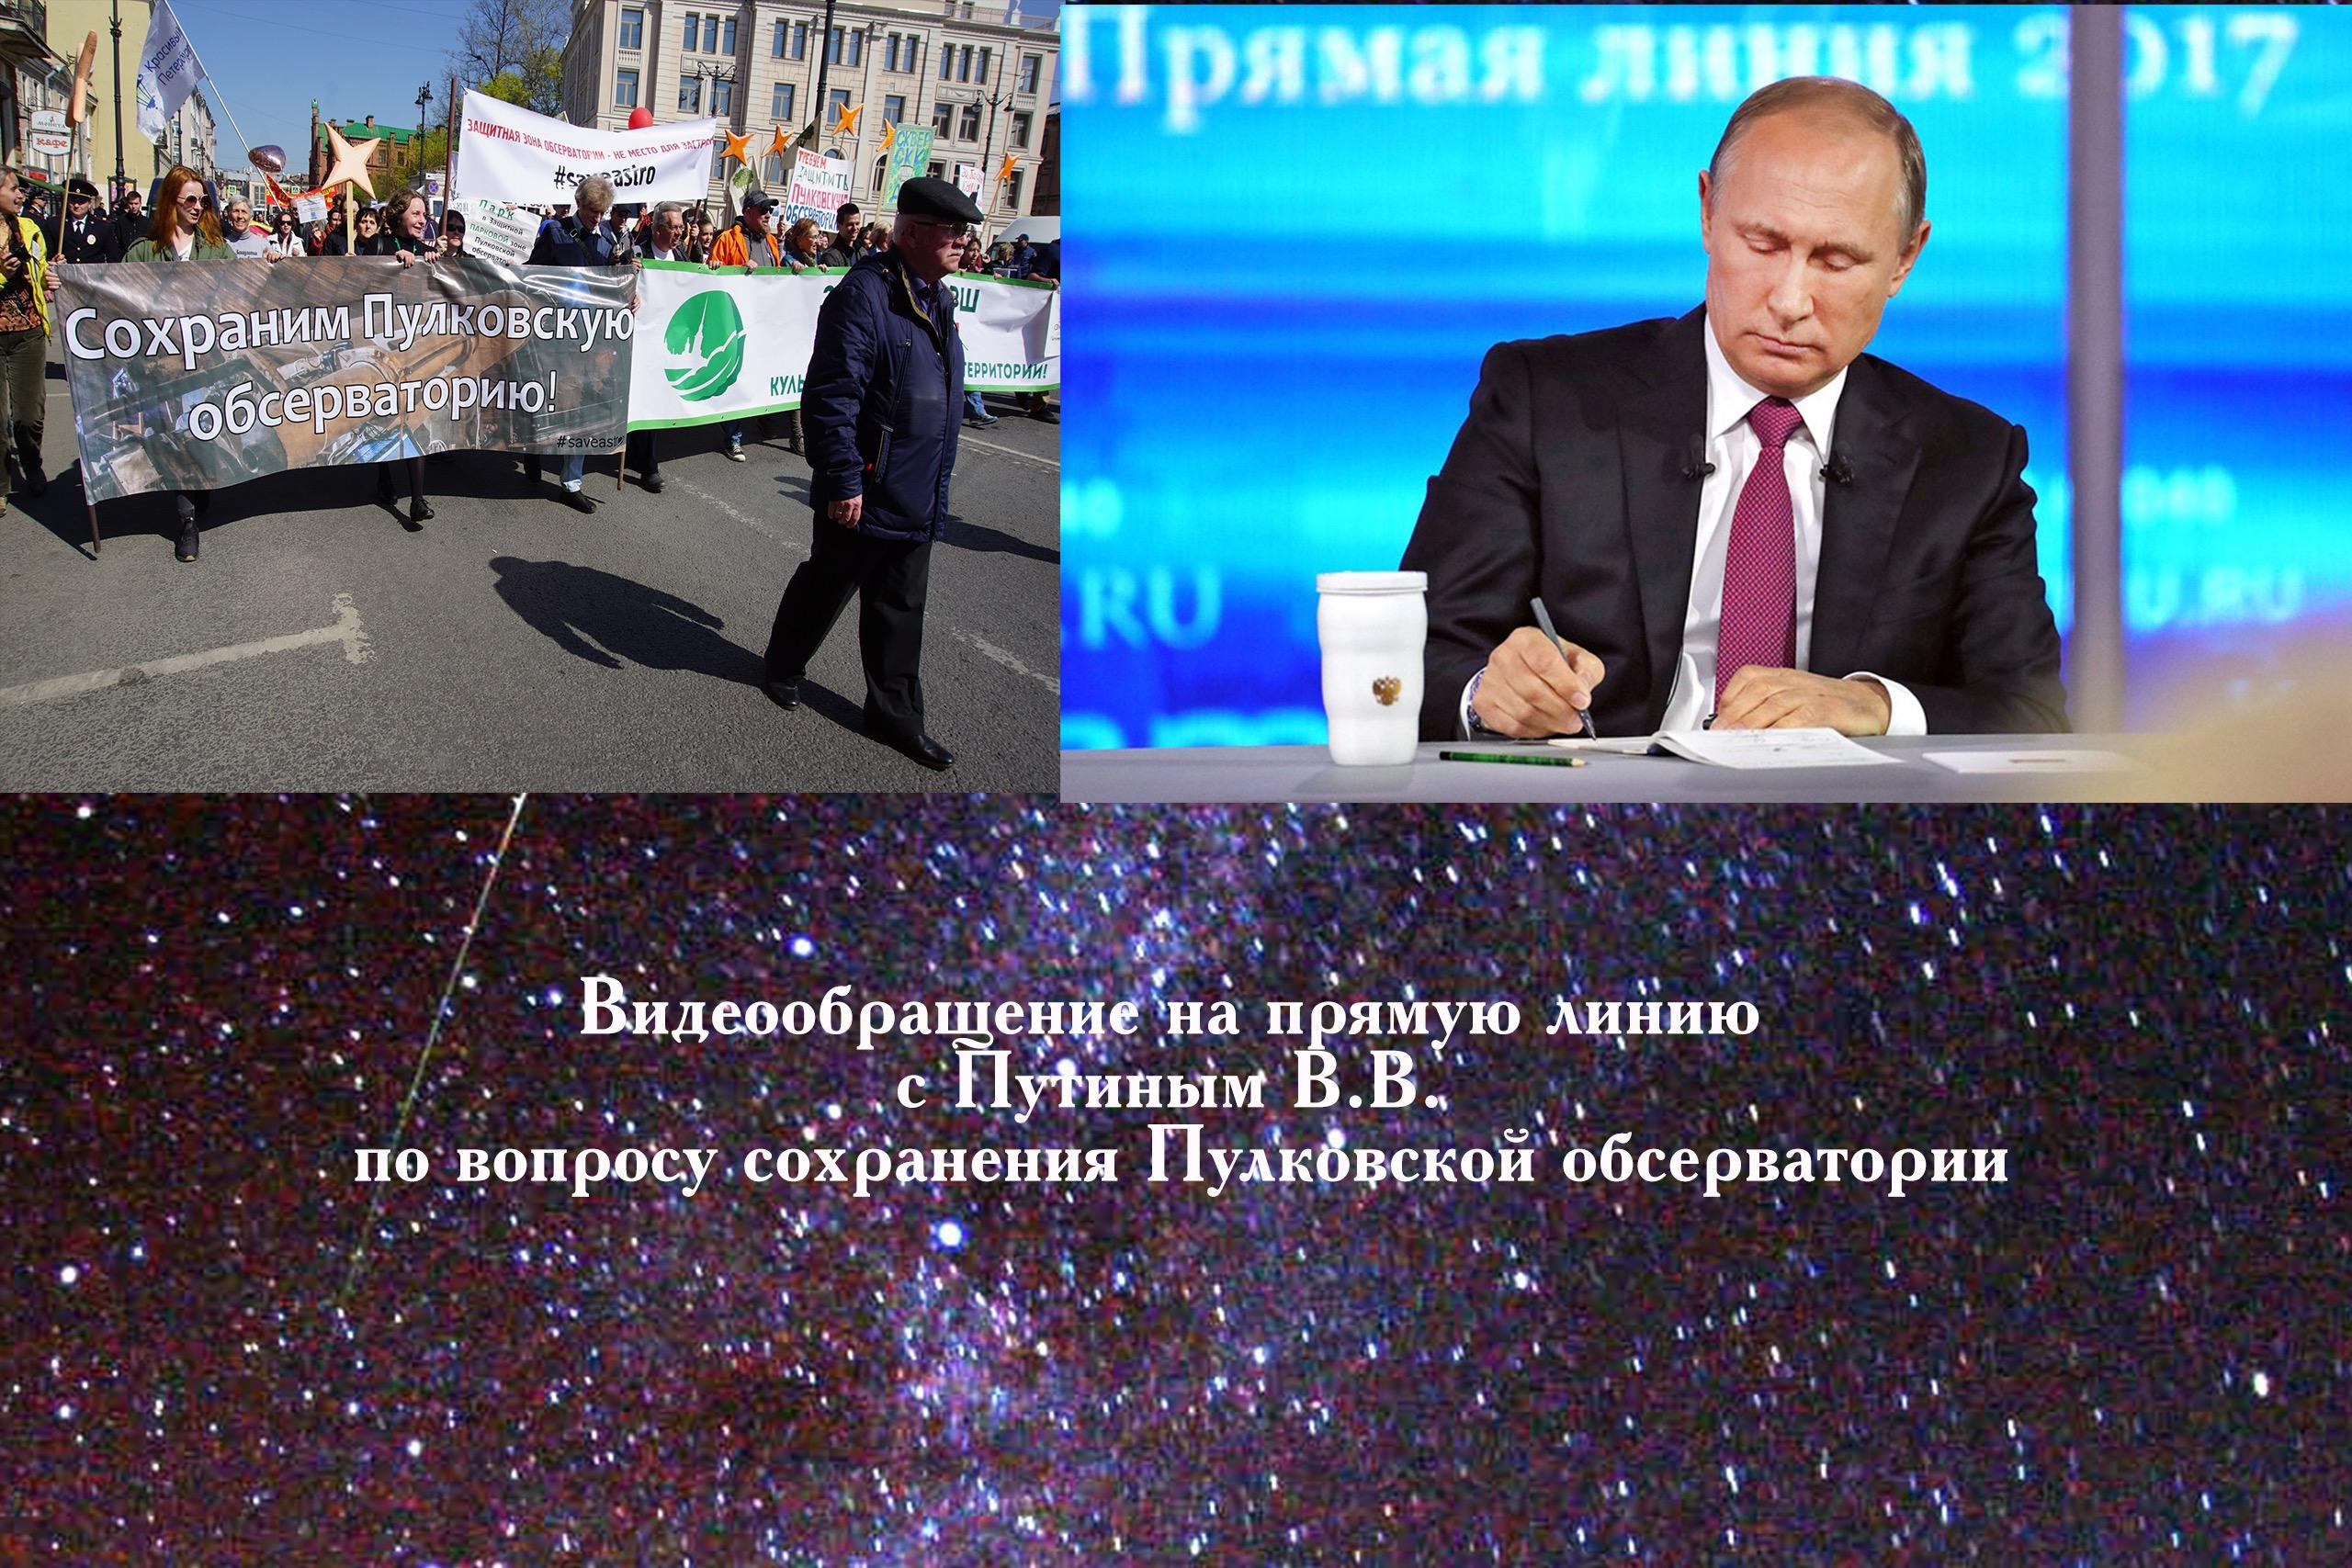 Видеообращение на прямую линию с Путиным В.В.  по вопросу сохранения Пулковскй обсерватории